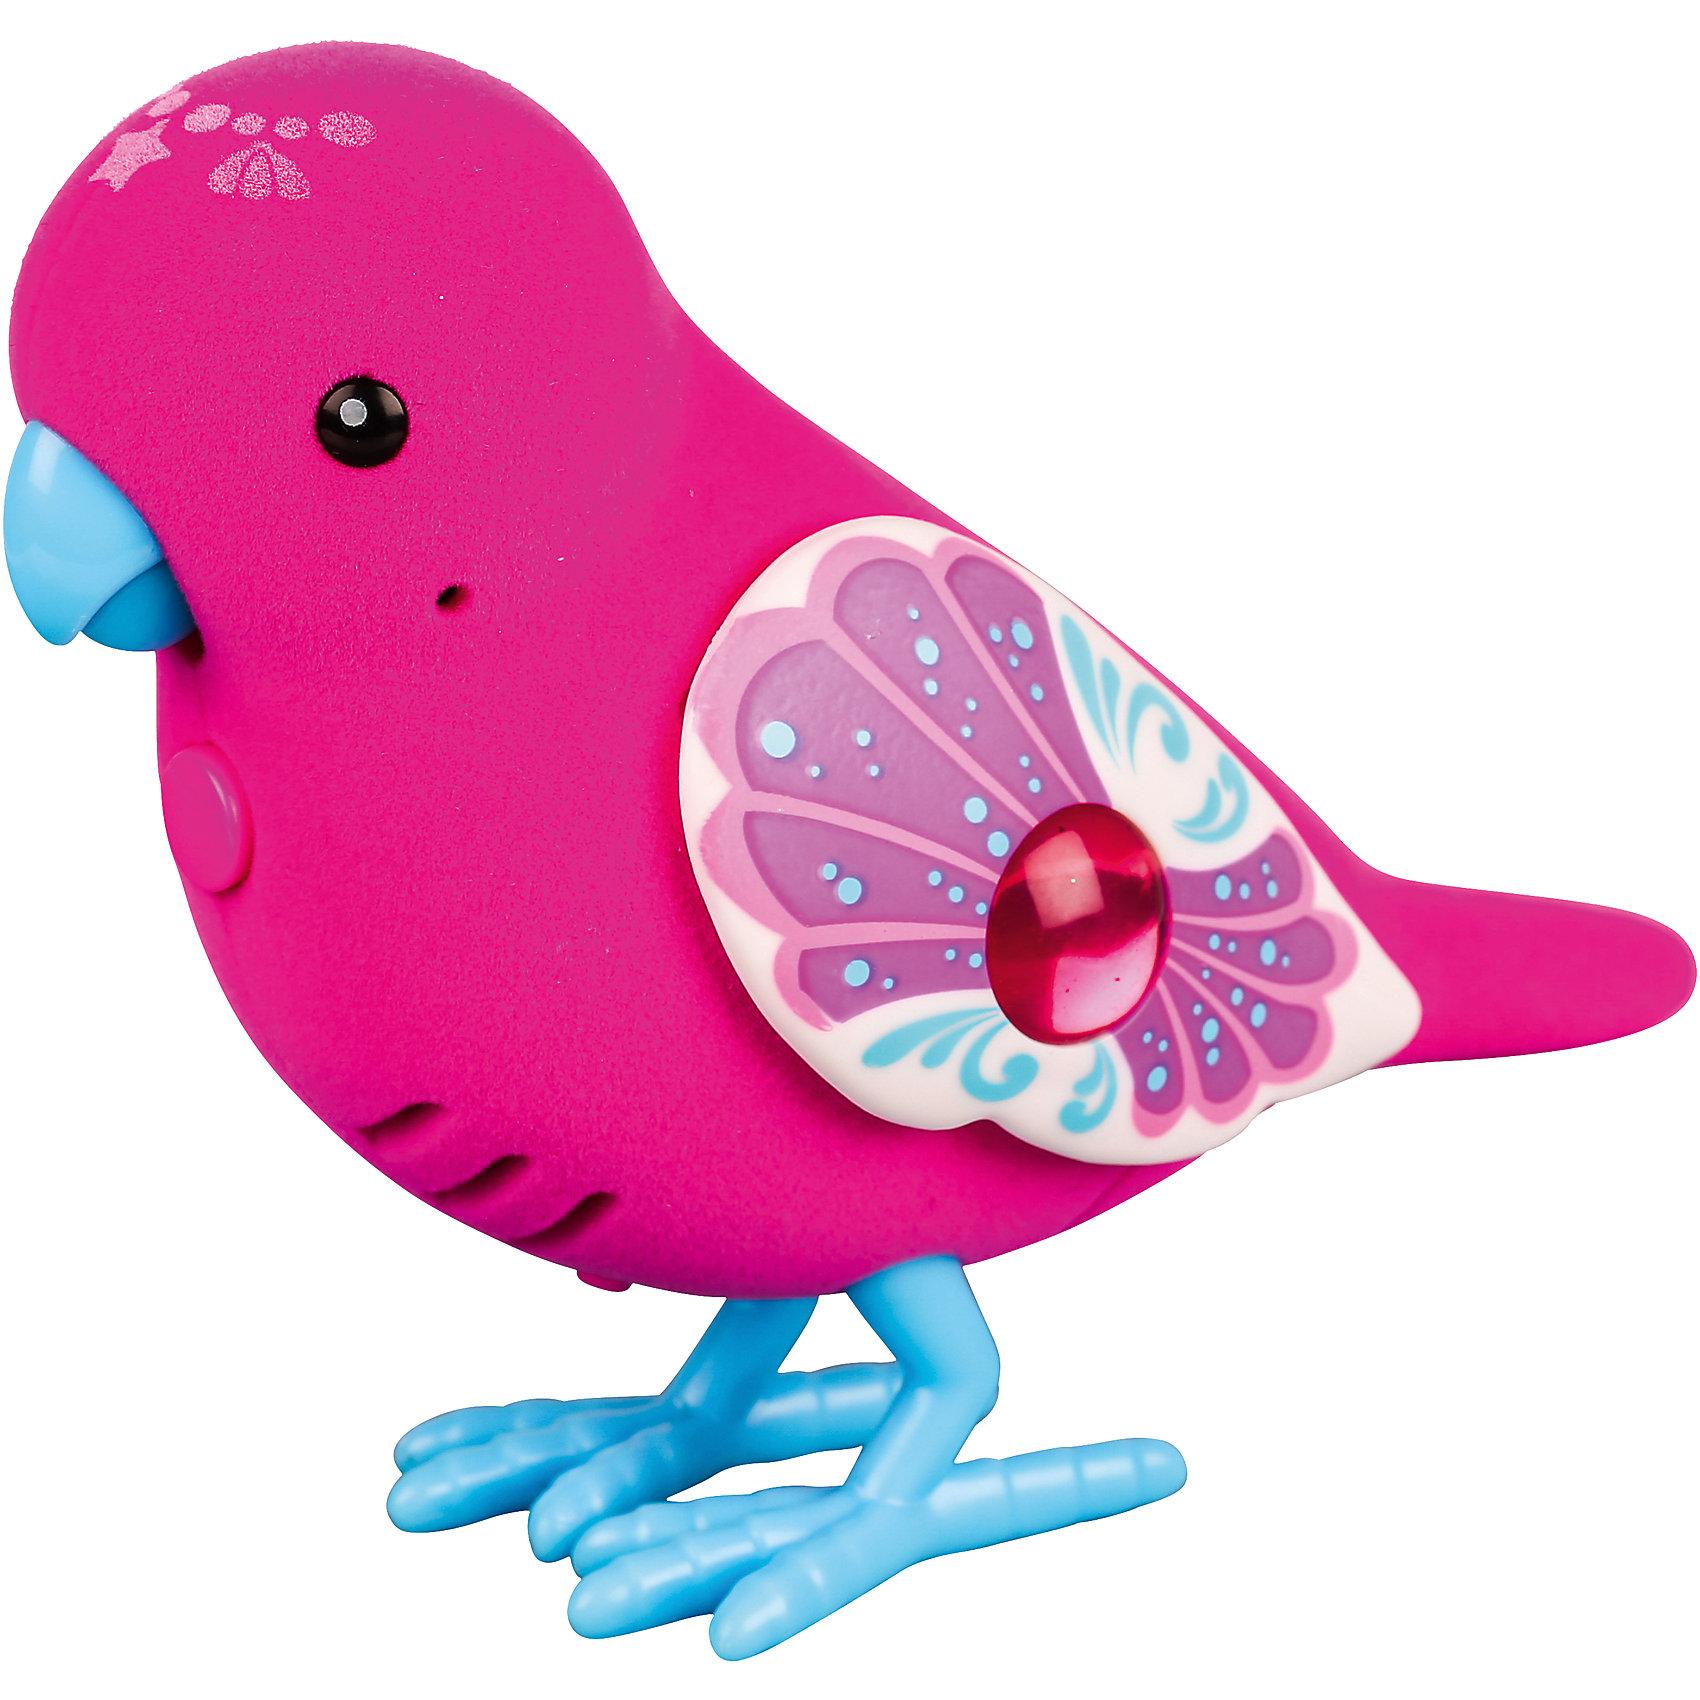 Интерактивная птичка, красная с голубыми лапками, Little Live PetsИнтерактивная птичка красная с голубыми лапками, Little Live Pets (Литтл лайв петс) от австралийского бренда Moose (Мус). Новая нежная игрушка – птичка, очень приятна на ощупь, ее тельце как будто сделано из бархата. Лапки сделаны как настоящие с небольшим рифлением и изгибами. Яркие крылышки отлично подходят к насыщенному красному цвету птички и яркому клювику. Птичка может щебетать до тридцати собственных мелодий, и щебечет от поглаживания по спинке. Движения клювиком совпадают с щебетанием птички, что выглядит очень правдоподобно. Нажав на кнопку на грудке птички и дождавшись двойного щебета, птичка станет учить вашу фразу или мелодию. Фраза воспроизводится модифицированным голосом птички, что тоже выглядит очень правдоподобно. С птичкой можно придумать много игр и почувствовать, будто дома появился новый домашний питомец. Игрушка поможет развить воображение и творческие навыки. <br><br>Дополнительная информация:<br><br>- В комплект входит: 1 птичка в блистере<br>- Состав: пластик, флок<br>- Элементы питания: 2 батарейки типа ААА (в комплекте отсутствуют)<br>- 30 различных стилей щебетания<br>- Можно записывать свои фразы<br>- Параметры упаковки: 22 * 5 * 14 см. <br><br><br>Интерактивную птичку, красная с голубыми лапками, Little Live Pets (Литтл лайв петс), Moose (Мус) можно купить в нашем интернет-магазине.<br>Подробнее:<br>• Для детей в возрасте: от 5 до 8 лет <br>• Номер товара: 5055294<br>Страна производитель: Китай<br><br>Ширина мм: 55<br>Глубина мм: 140<br>Высота мм: 220<br>Вес г: 150<br>Возраст от месяцев: 60<br>Возраст до месяцев: 120<br>Пол: Унисекс<br>Возраст: Детский<br>SKU: 5055294